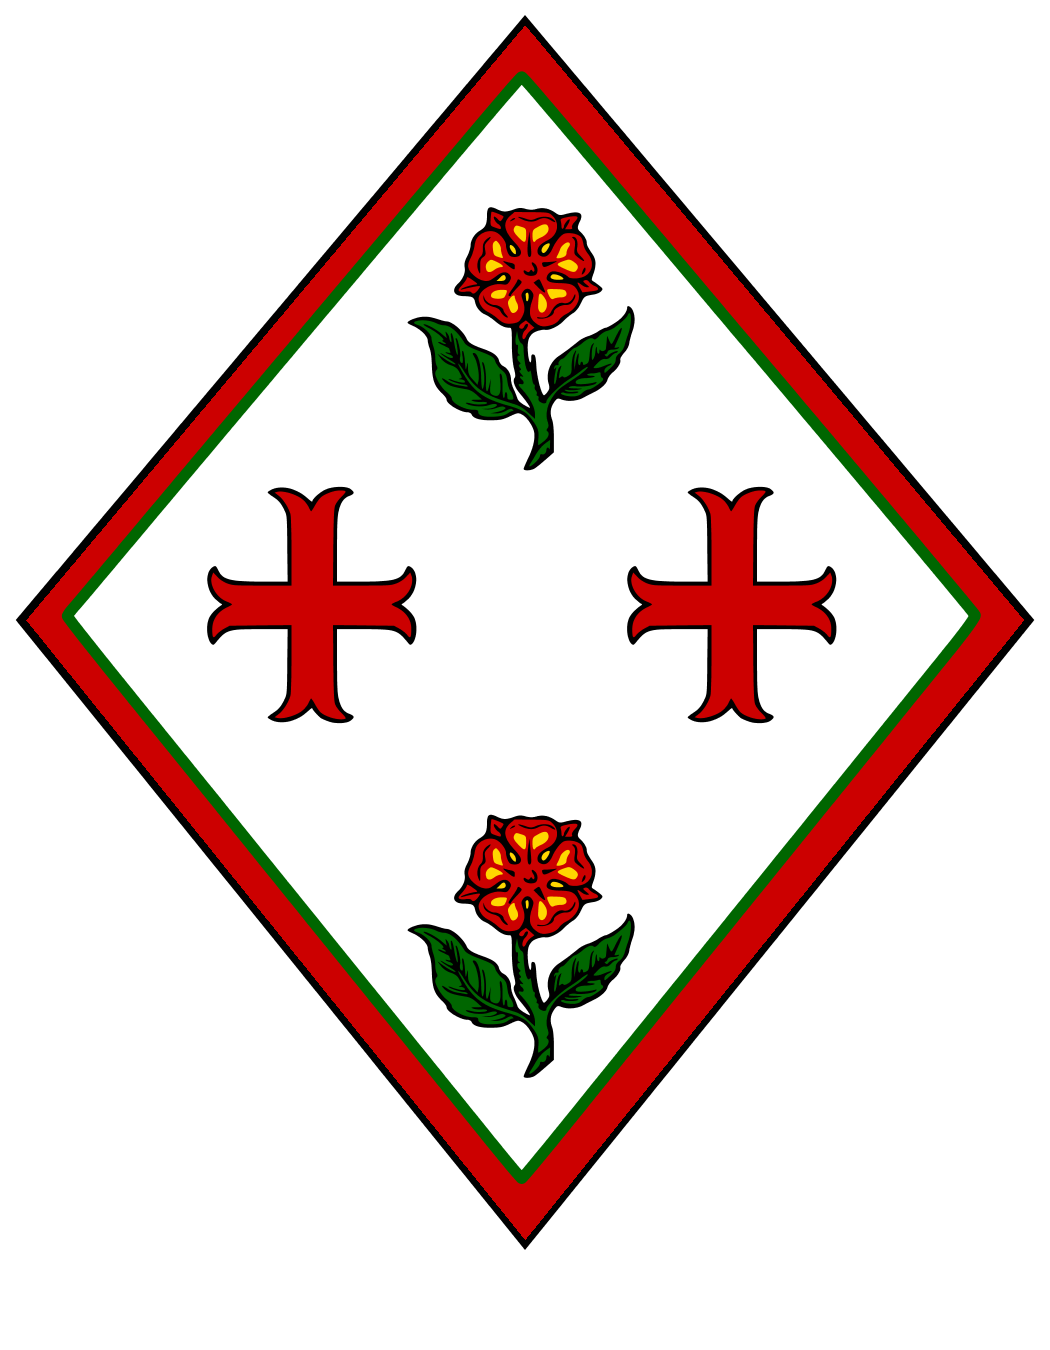 Mabile_de_Montceau_coat-of-arms.png